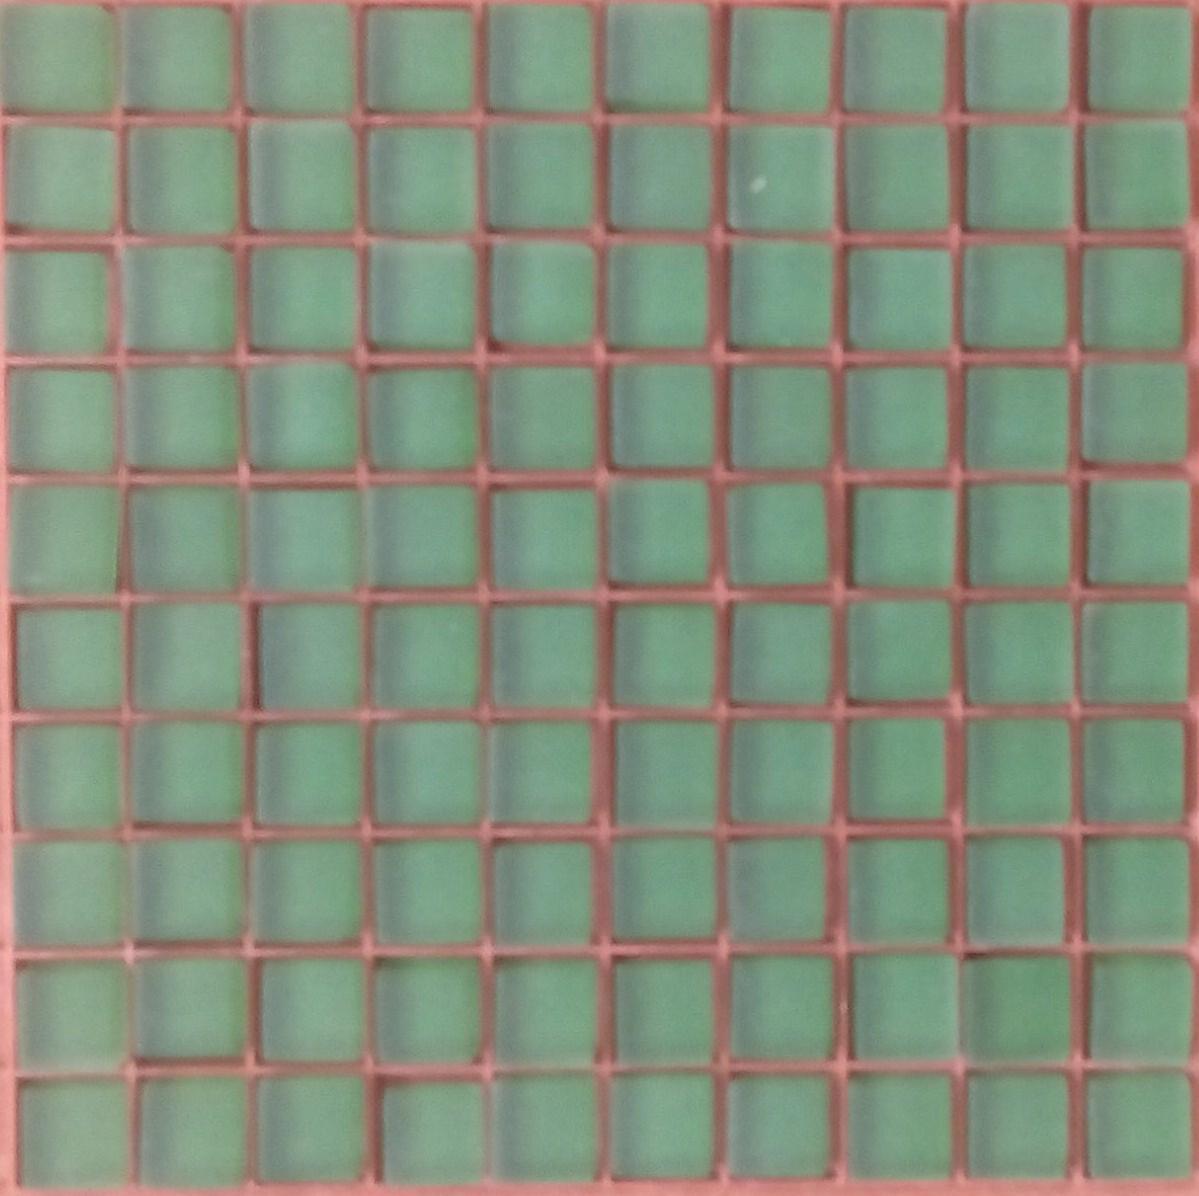 mosa que p te de verre couleur vert r sine mat plaque vente de mosa que salle de bain. Black Bedroom Furniture Sets. Home Design Ideas